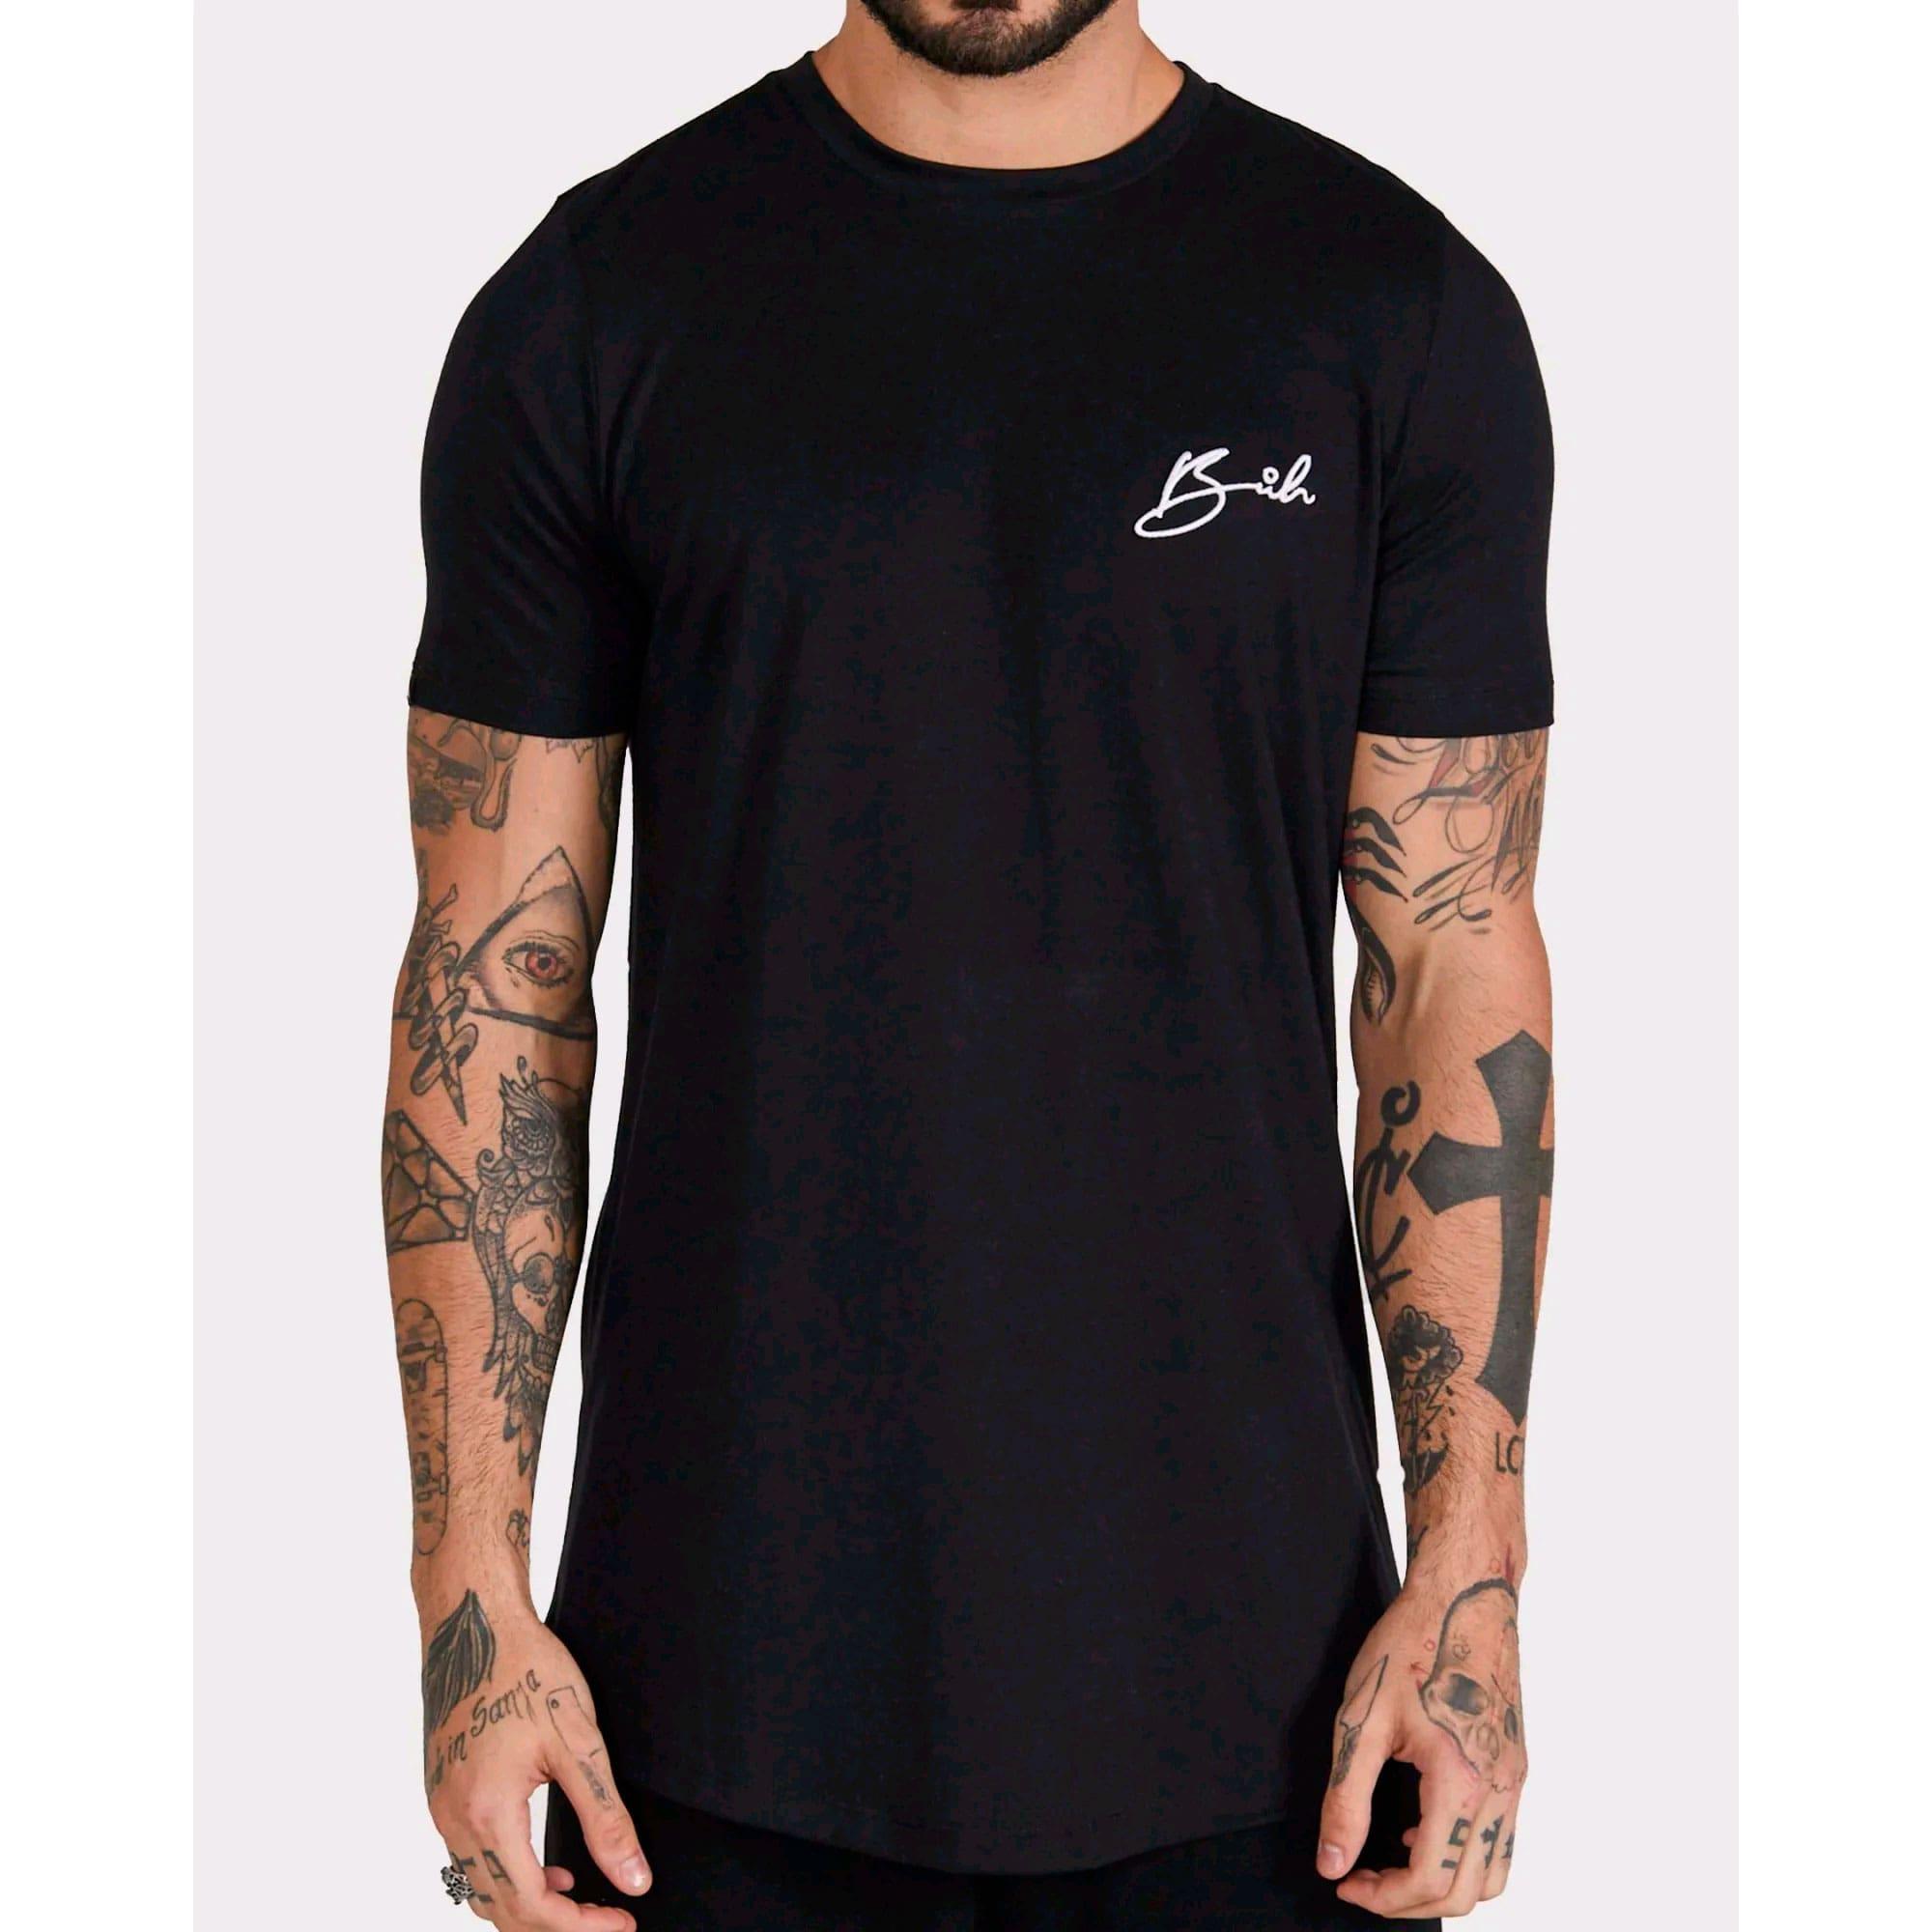 Camiseta Buh Bordado Black